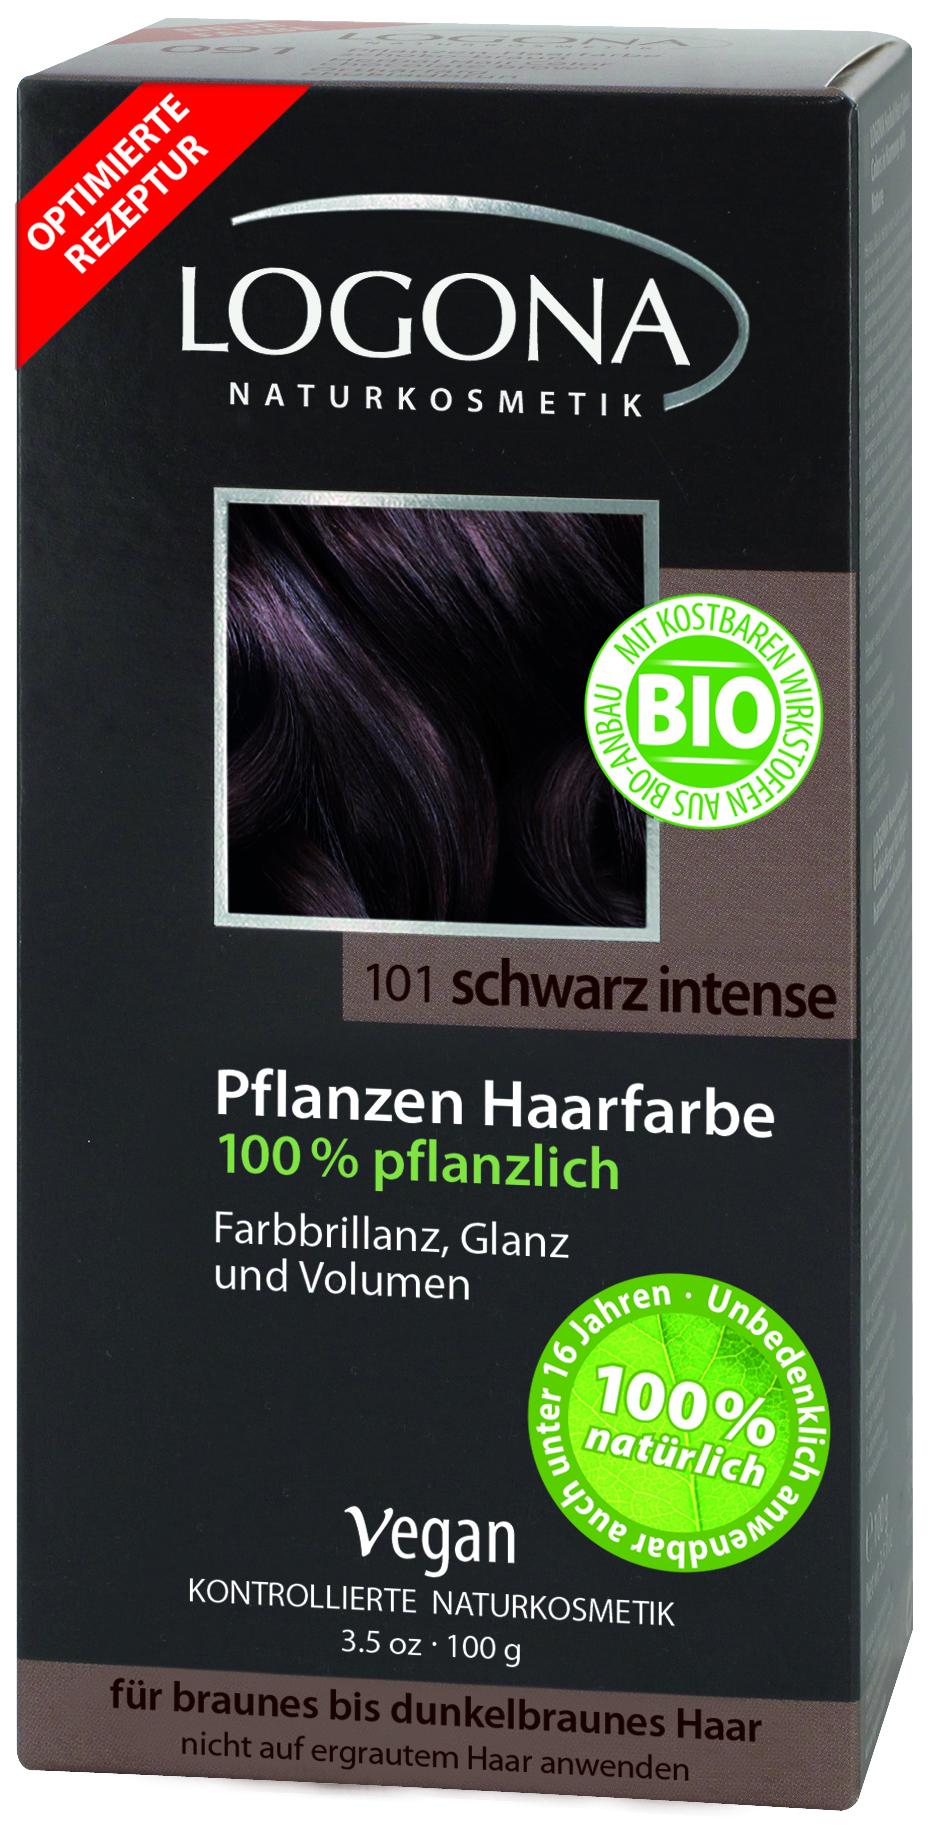 Logona растительная краска для волос 101 «Насыщенно-черный» 100 грMP59.4DОттенок «Насыщенно-черный» подходит для каштановых и темно-каштановых волос. Растительные краски для волос Logona действуют бережно и дают длительный эффект. Состав из хны и других красящих растений, а также веществ растительного происхождения для ухода за волосами естественным образом укрепляют волосы и придают им больше объема и яркости.